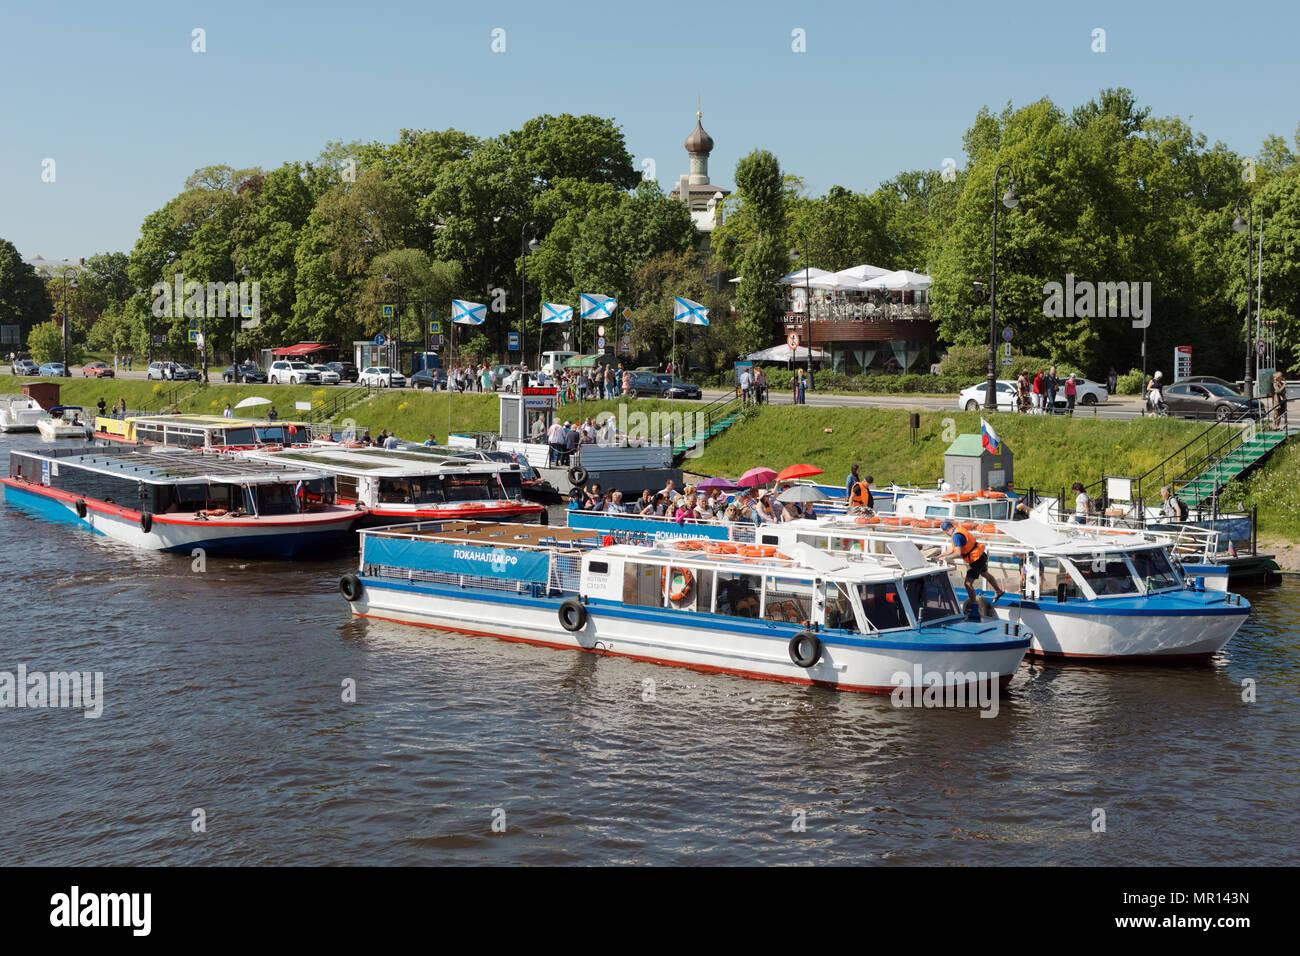 Saint-pétersbourg, Russie, 25 mai 2018. Les gens sur les bateaux d'excursion à l'île de Zayachy dans le premier jour de vacances scolaires. Des excursions en bateau est une activité de loisirs pour les habitants et les touristes, les enfants et les adultes Photo Stock